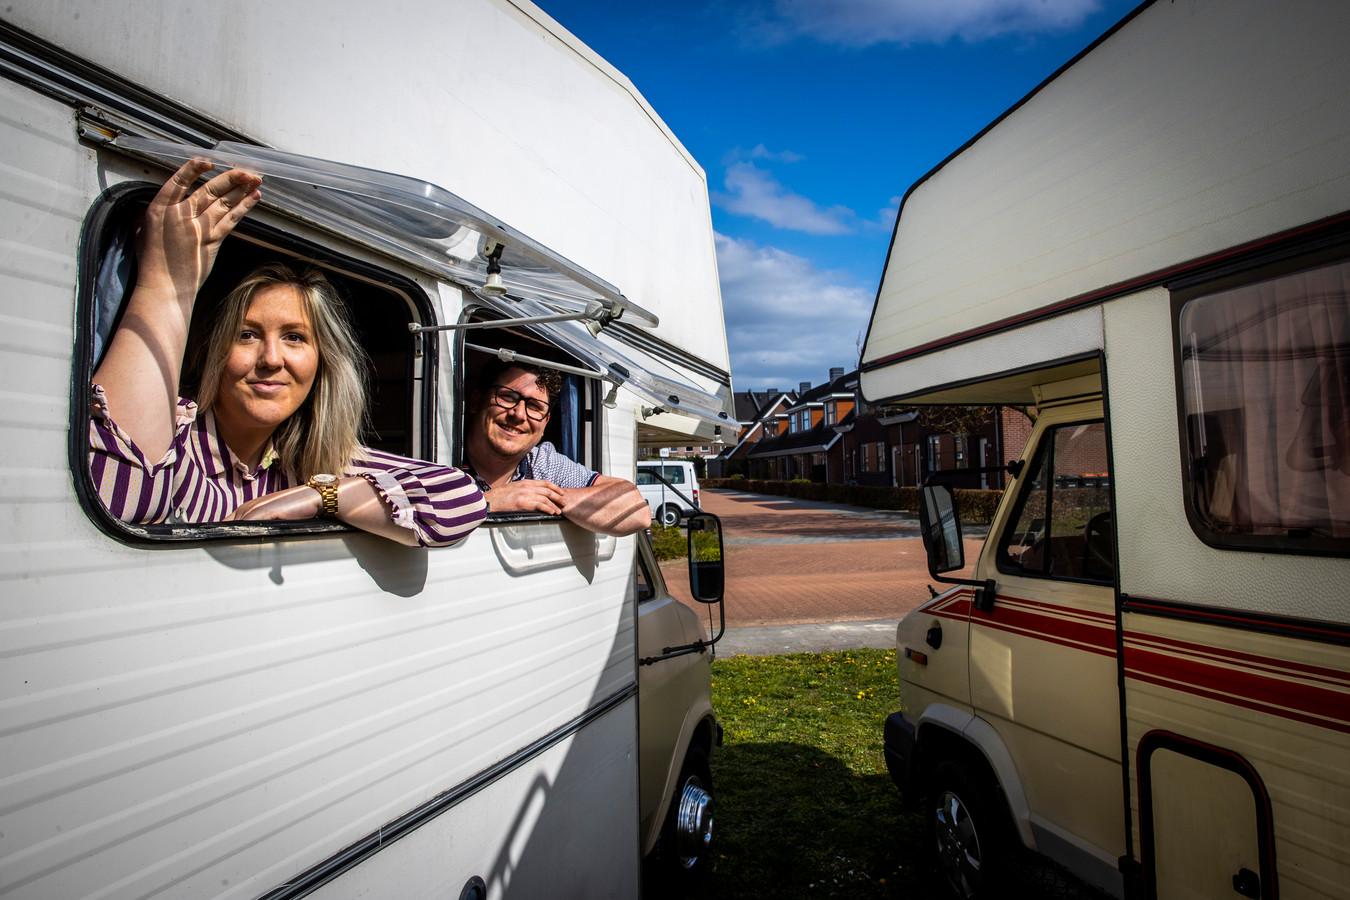 Jorieke Dries en haar man Stefan hebben vorig jaar voor het eerst een camper gehuurd en hebben er nu twee gekocht die ze in de verhuur hebben